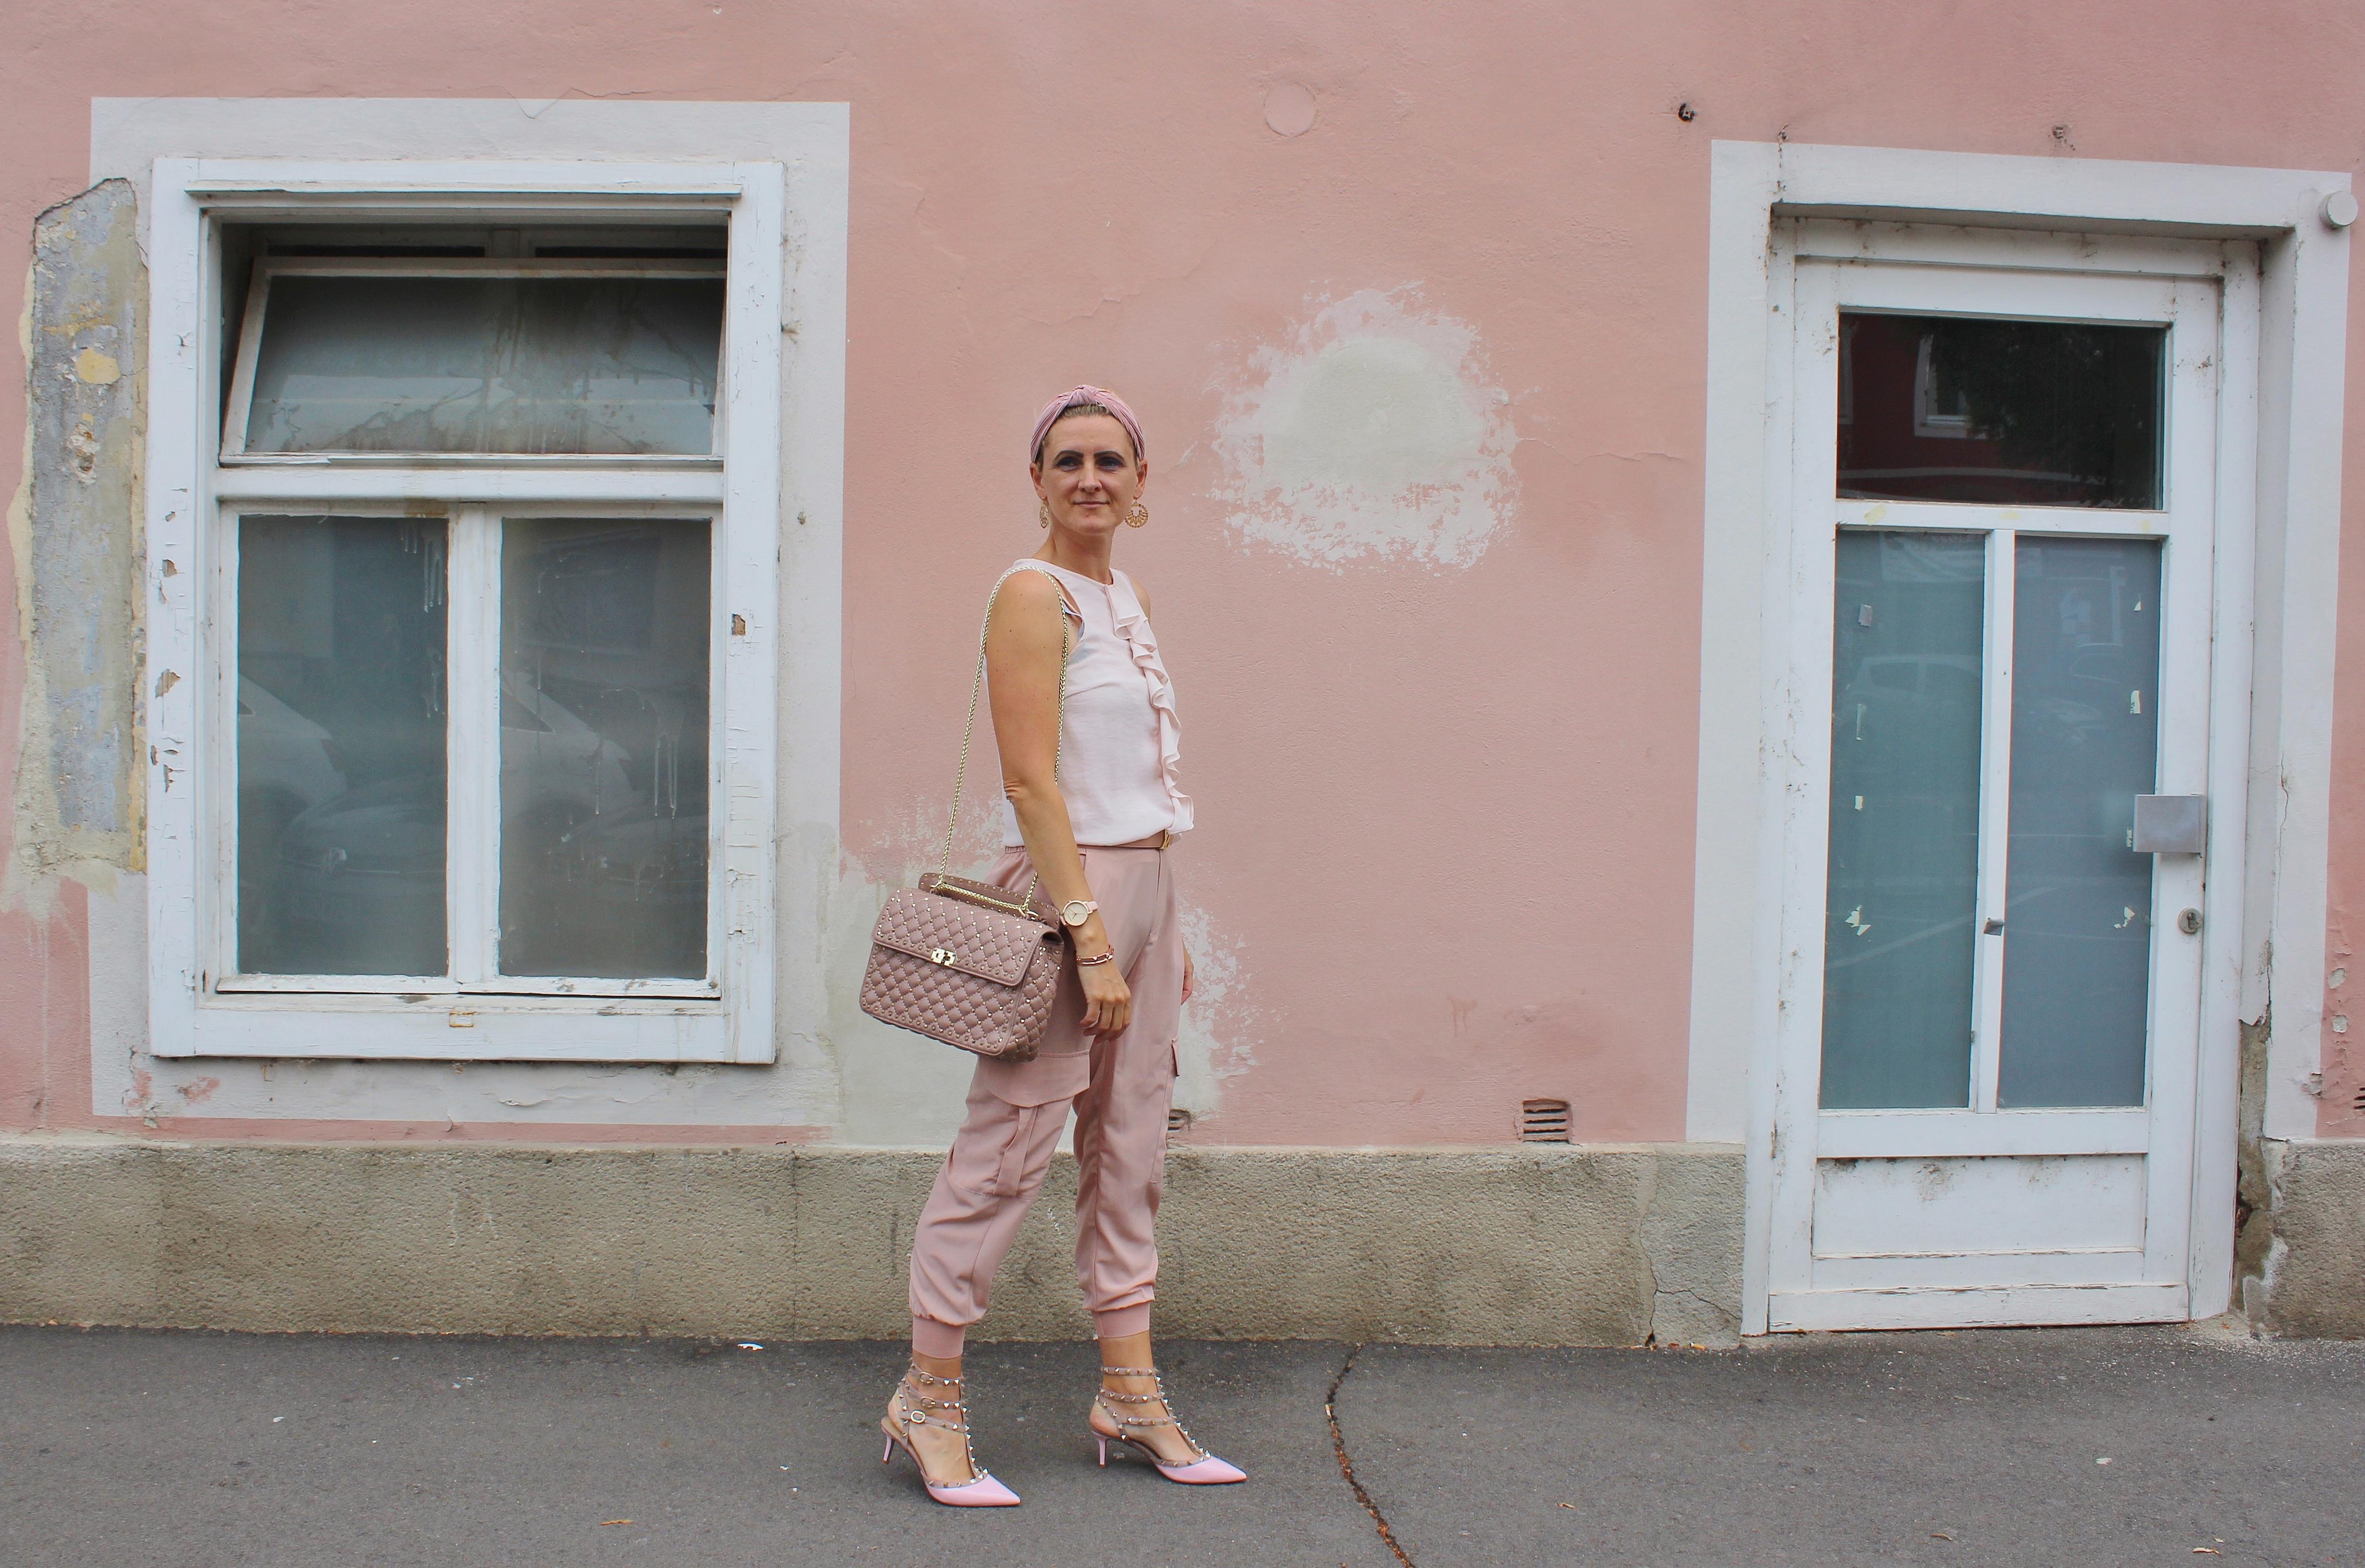 Cargohosen-Trend-pink-Carrieslifestyle-Tamara-Prutsch-Valentino-Rockstuds-Volant-Bluse-Rosa